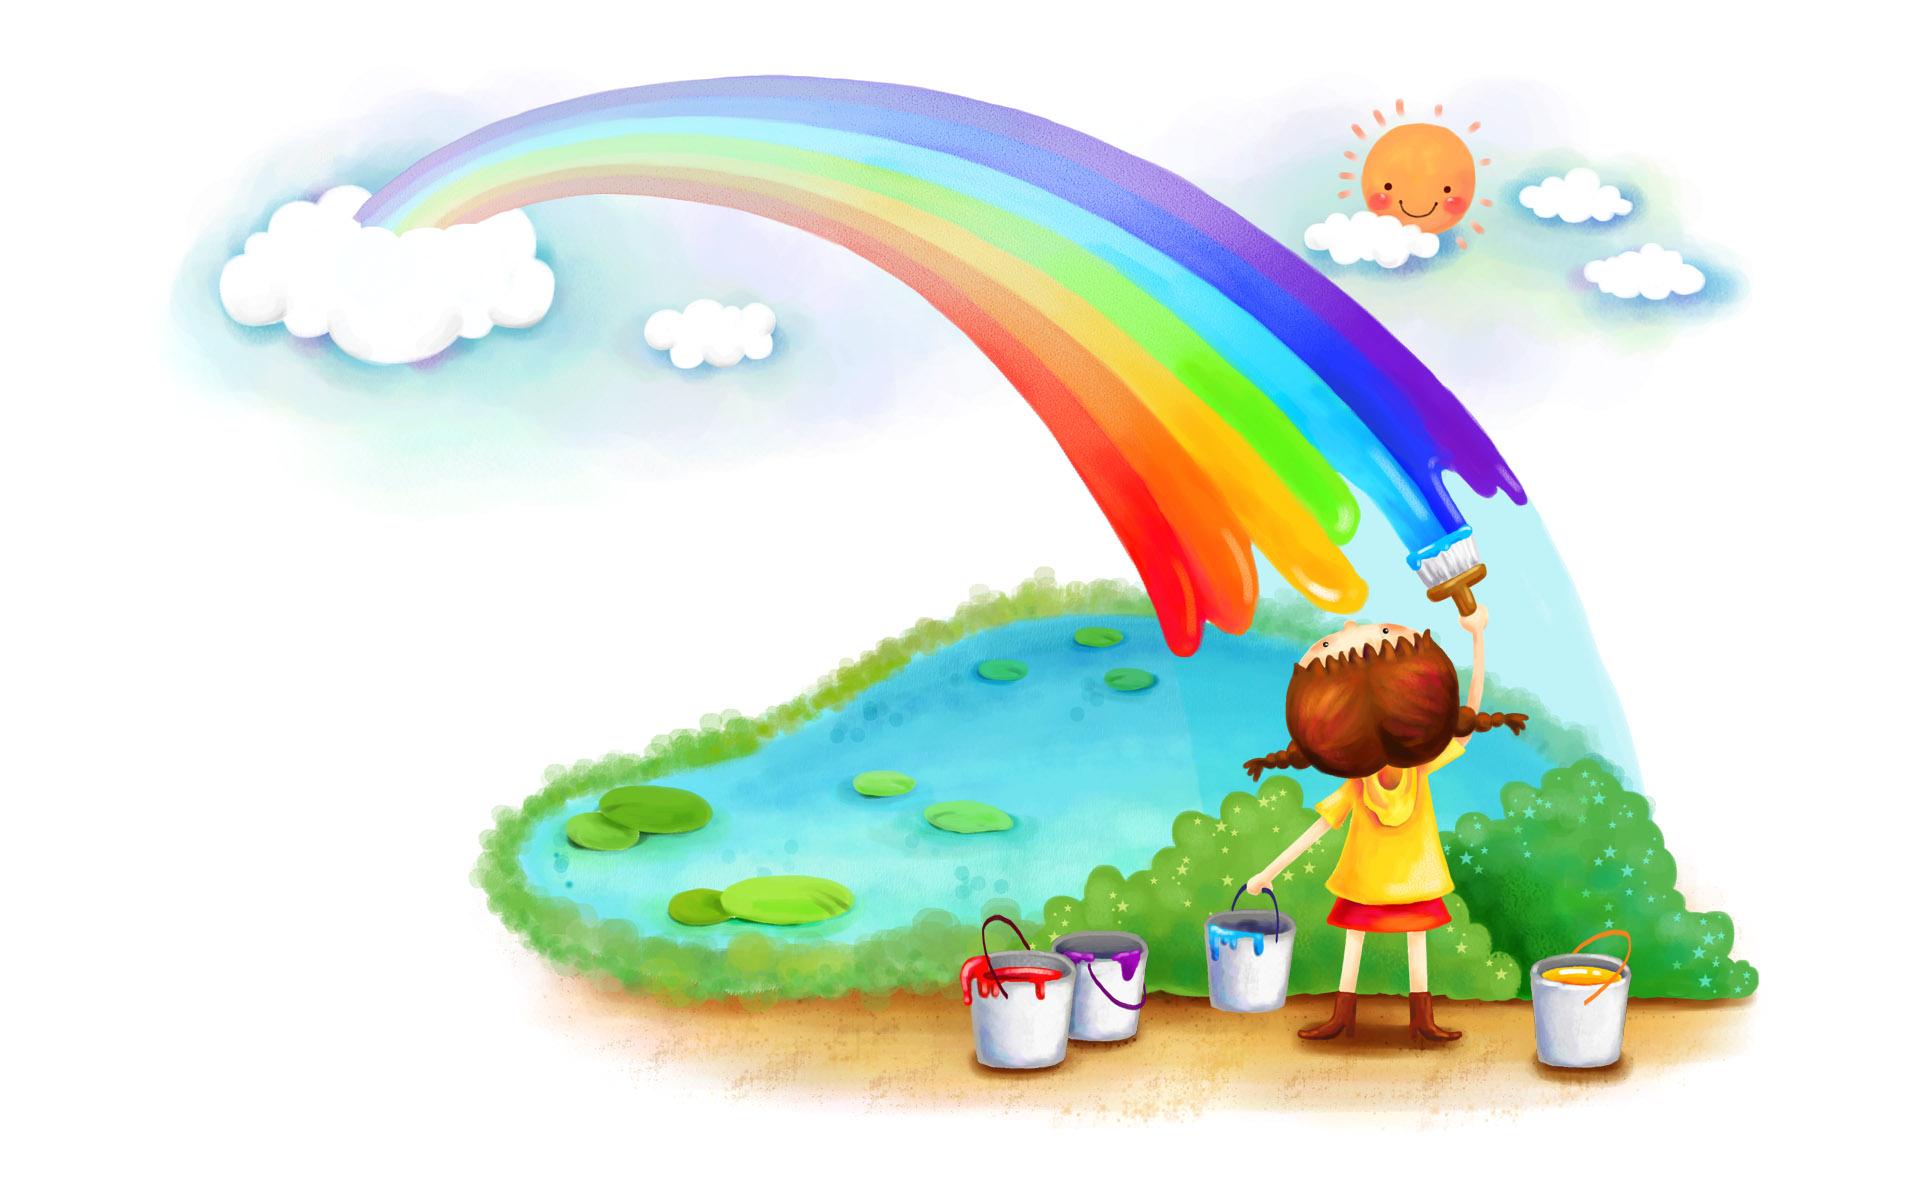 Desktop Wallpaper For Kids - WallpaperSafari